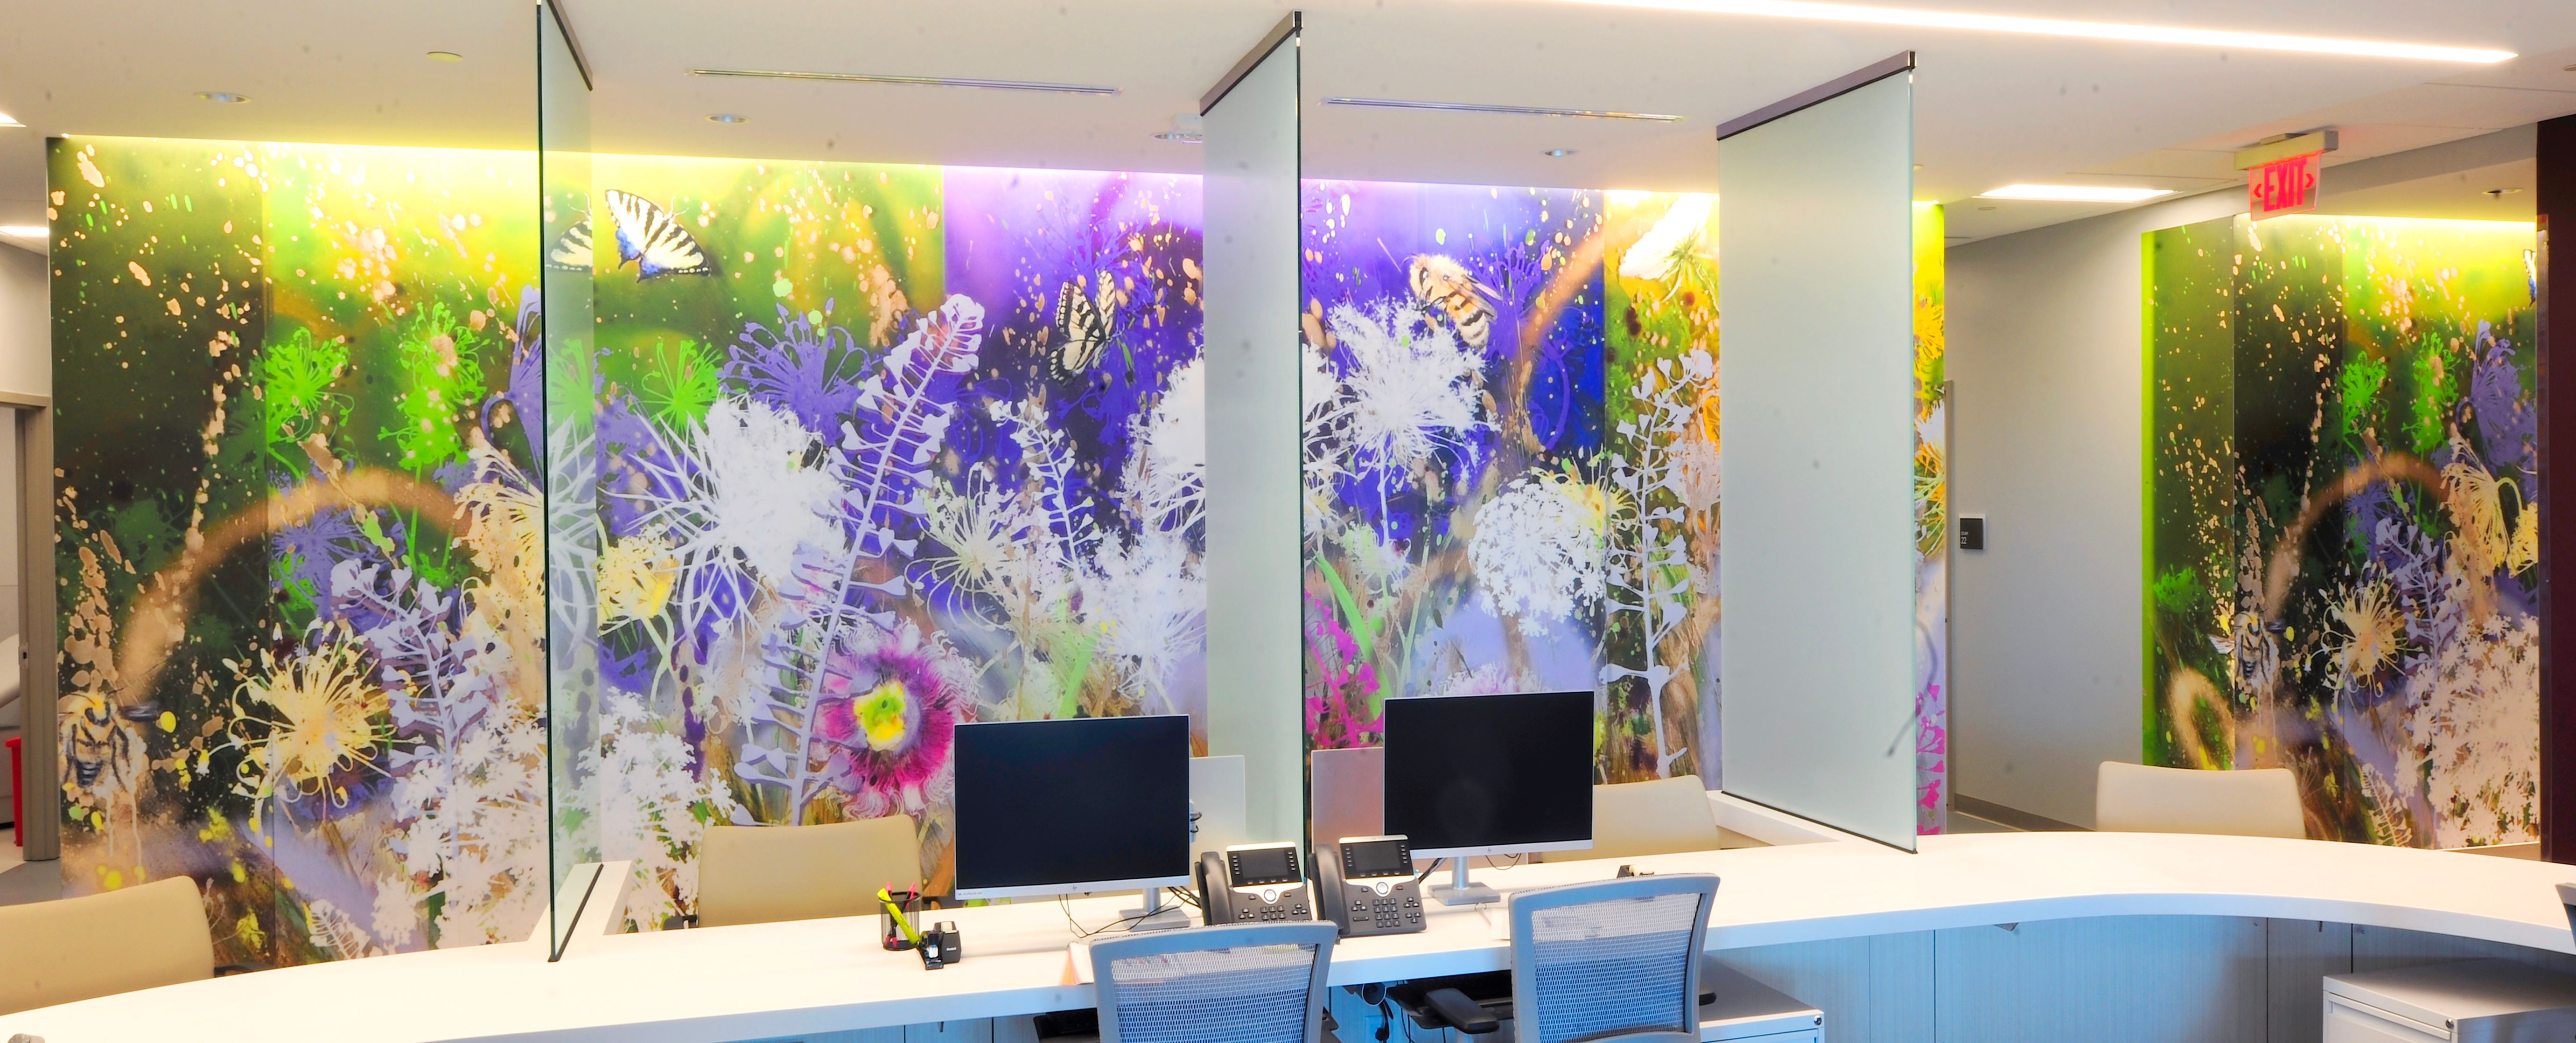 mural_0004853.jpg